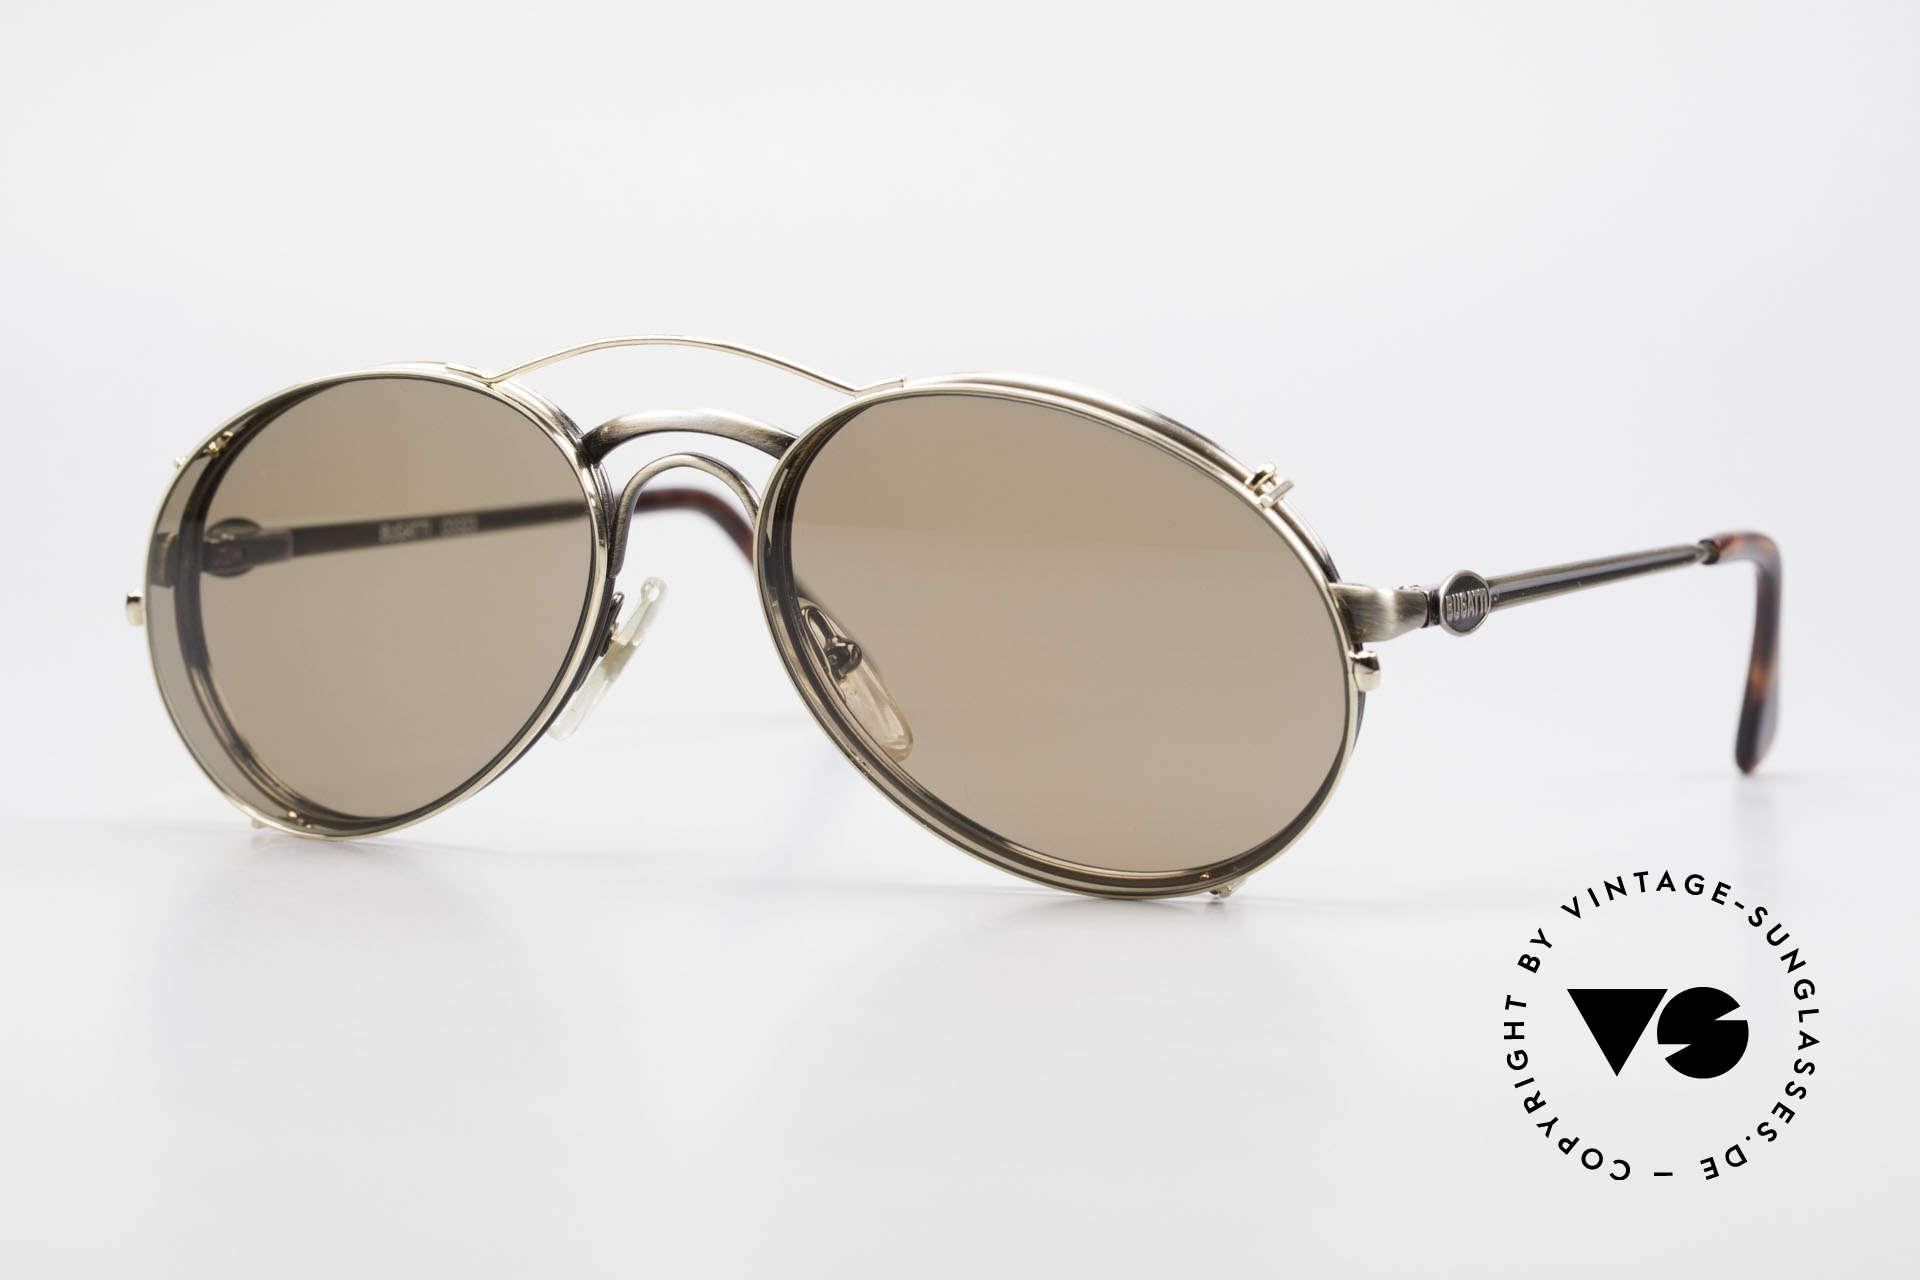 Bugatti 03323 80er Herrenbrille mit Clip On, klassische BUGATTI vintage Sonnenbrille von 1989, Passend für Herren